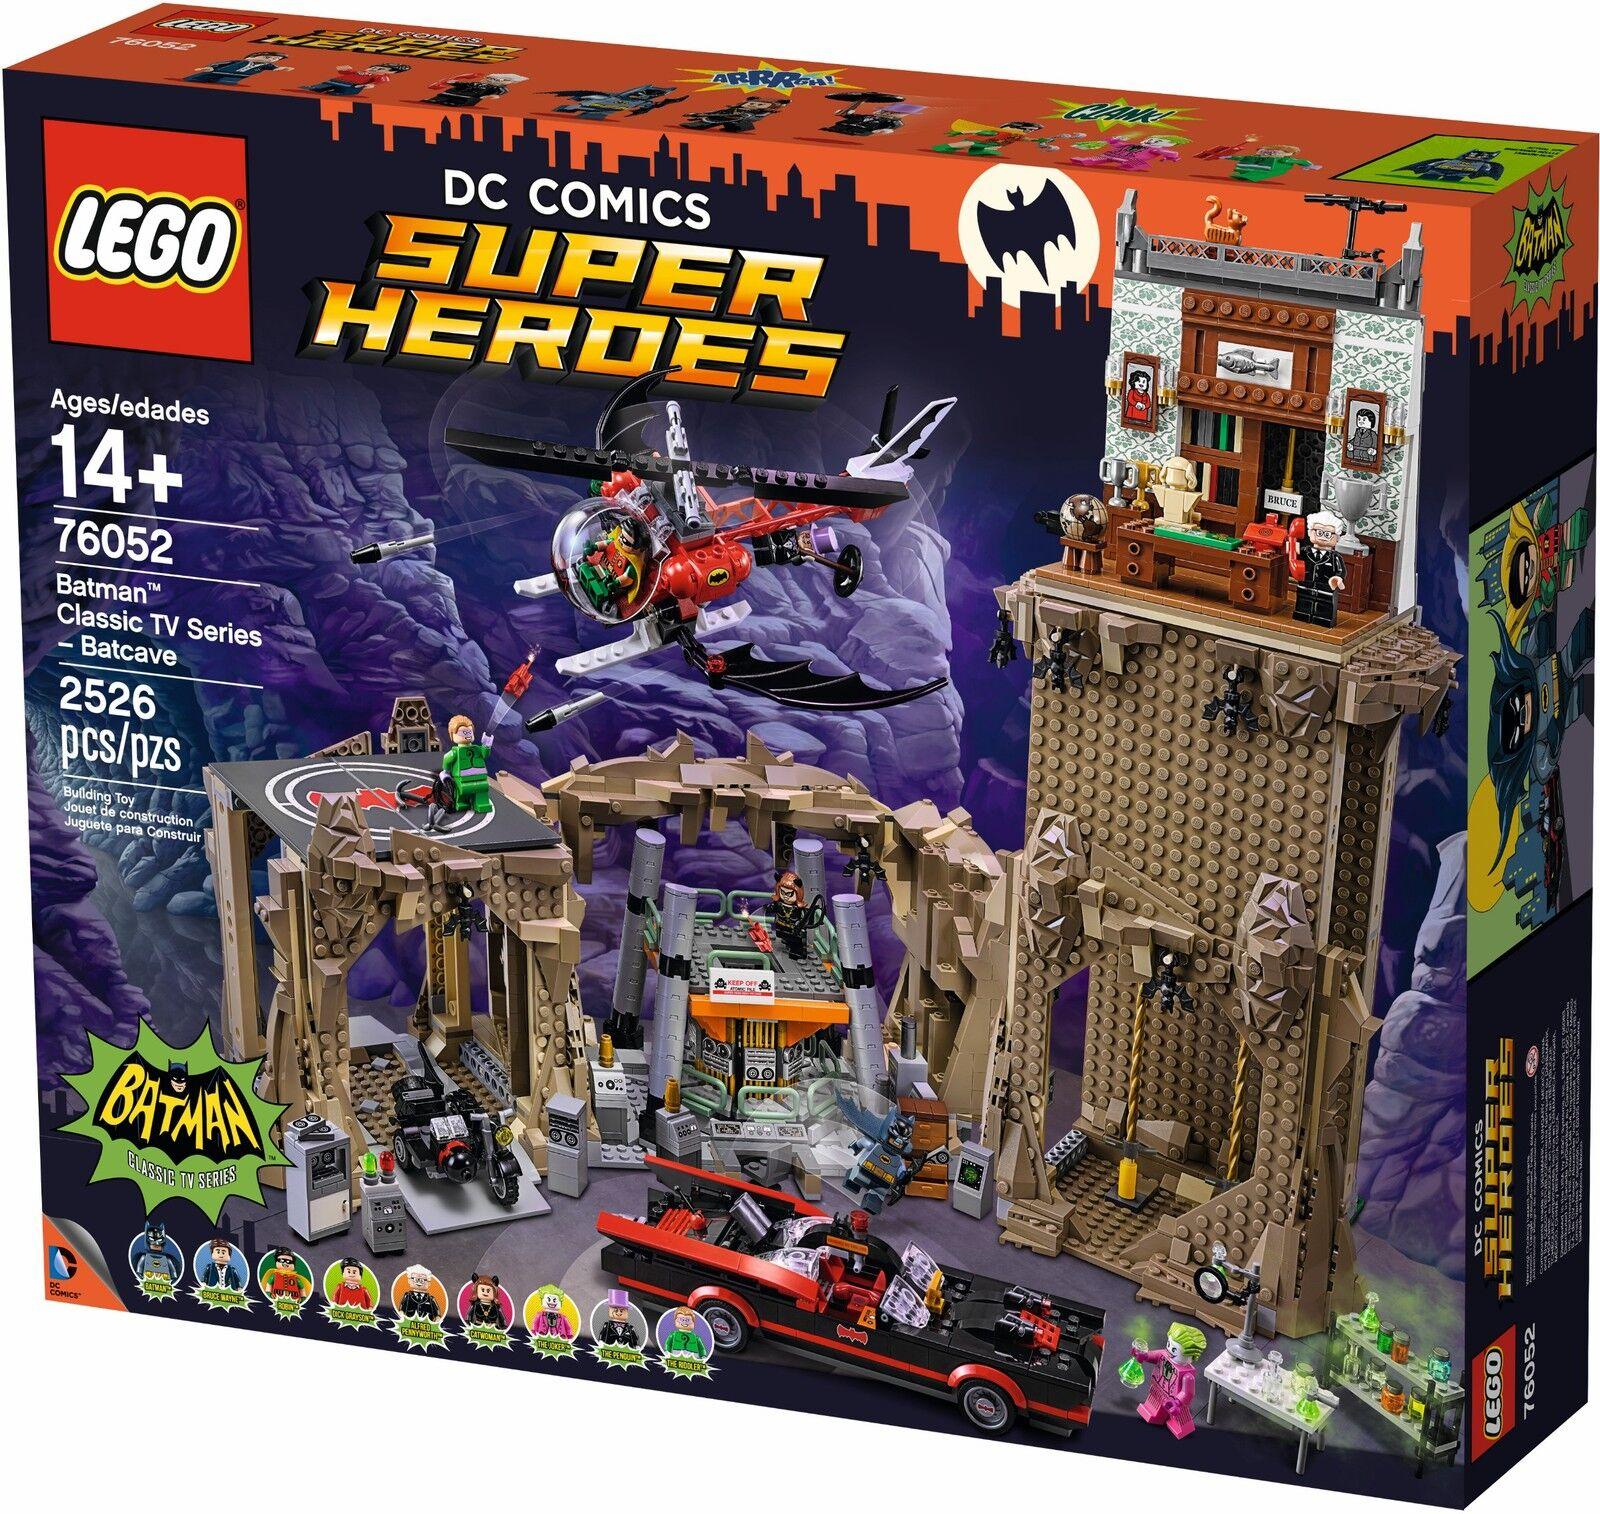 Lego ® DC Comics ™ súper Heroes 76052 Batman ™ Classic TV Series – Batcave nuevo New